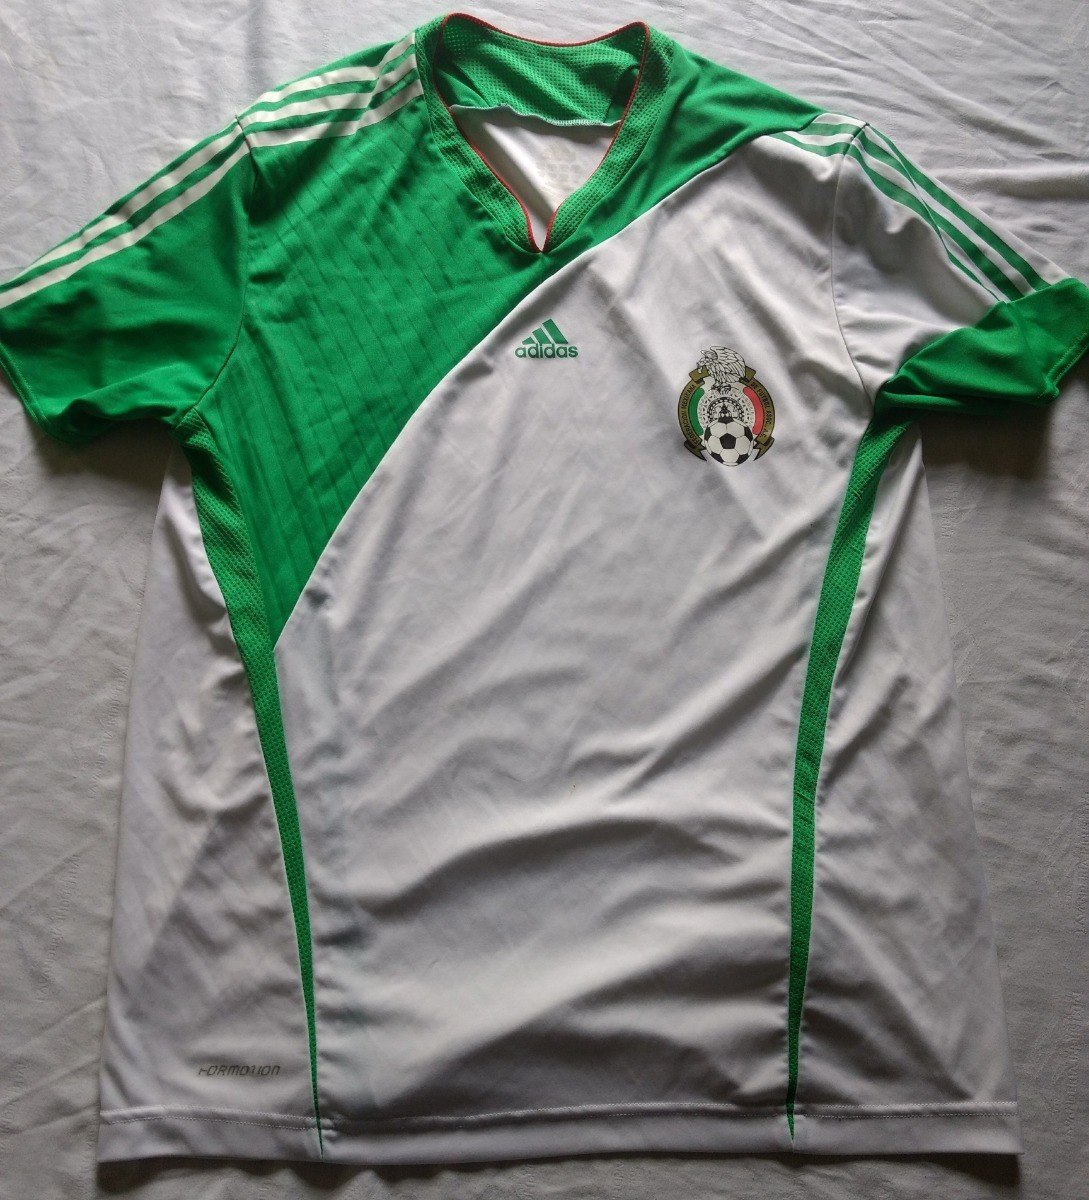 c7611e6af69a6 jersey playera seleccion mexico adidas entrenamiento talla l. Cargando zoom.